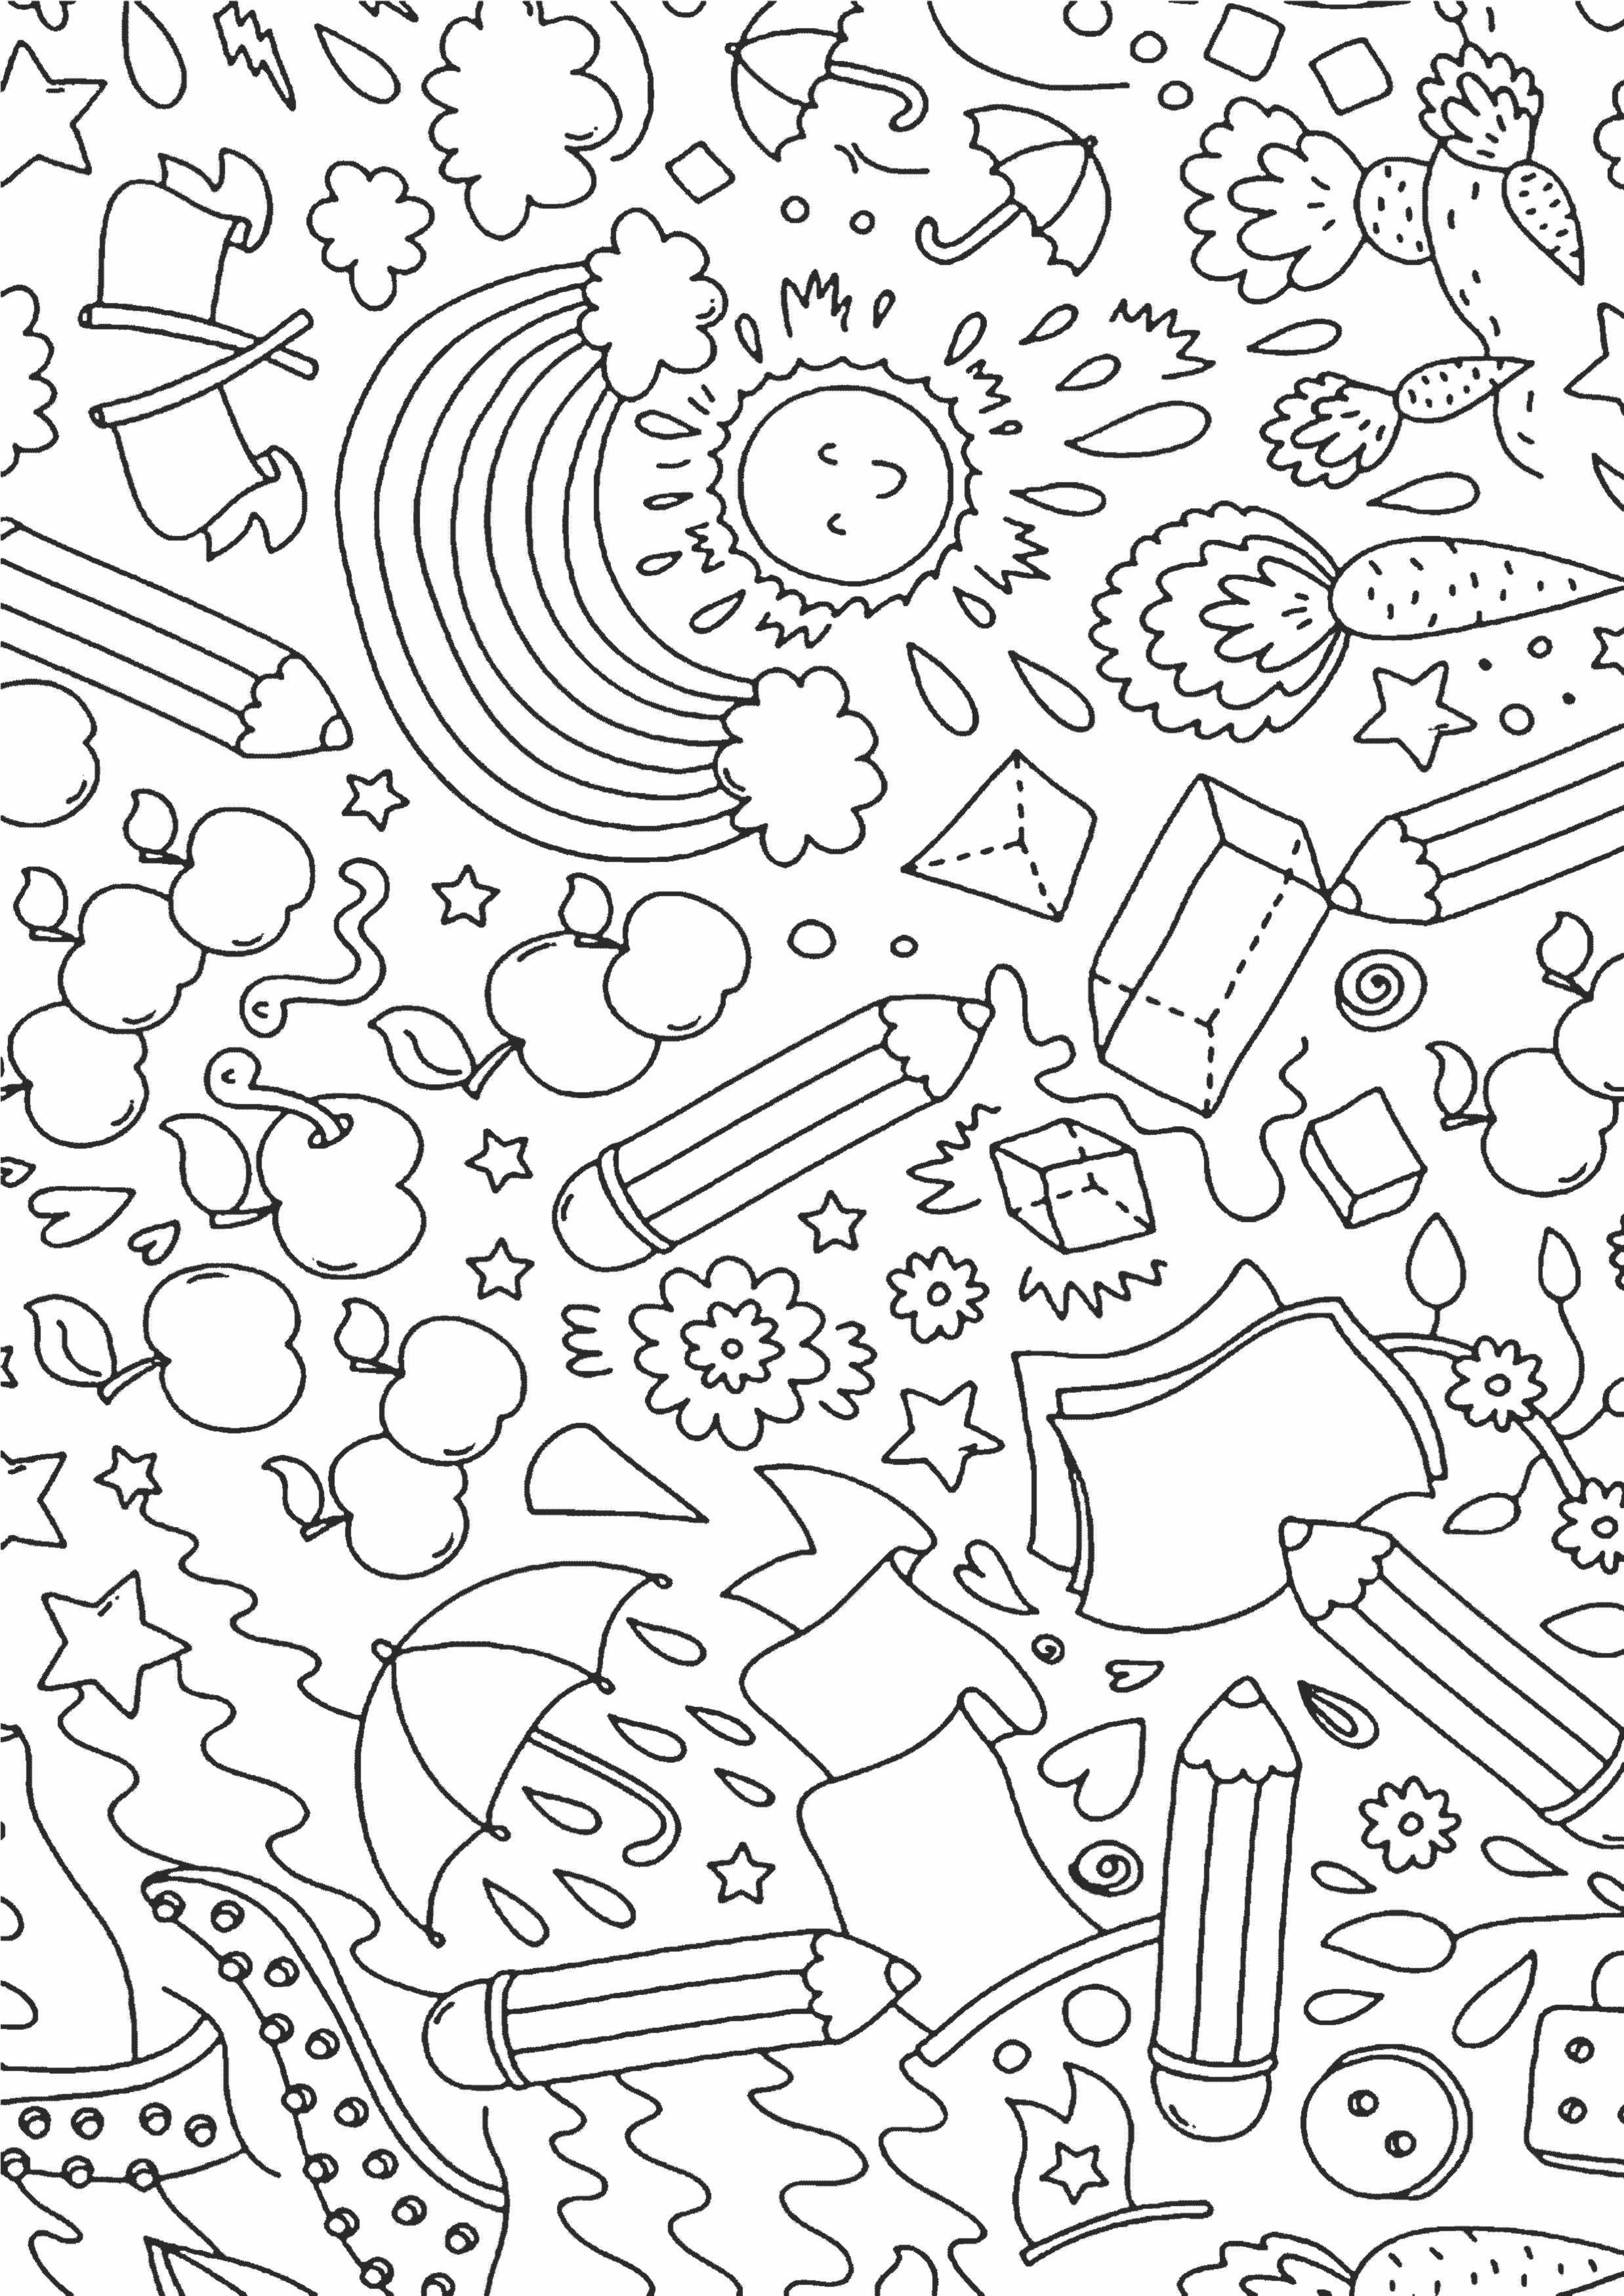 Простая раскраска антистресс для детей - Раскраски А4 ...